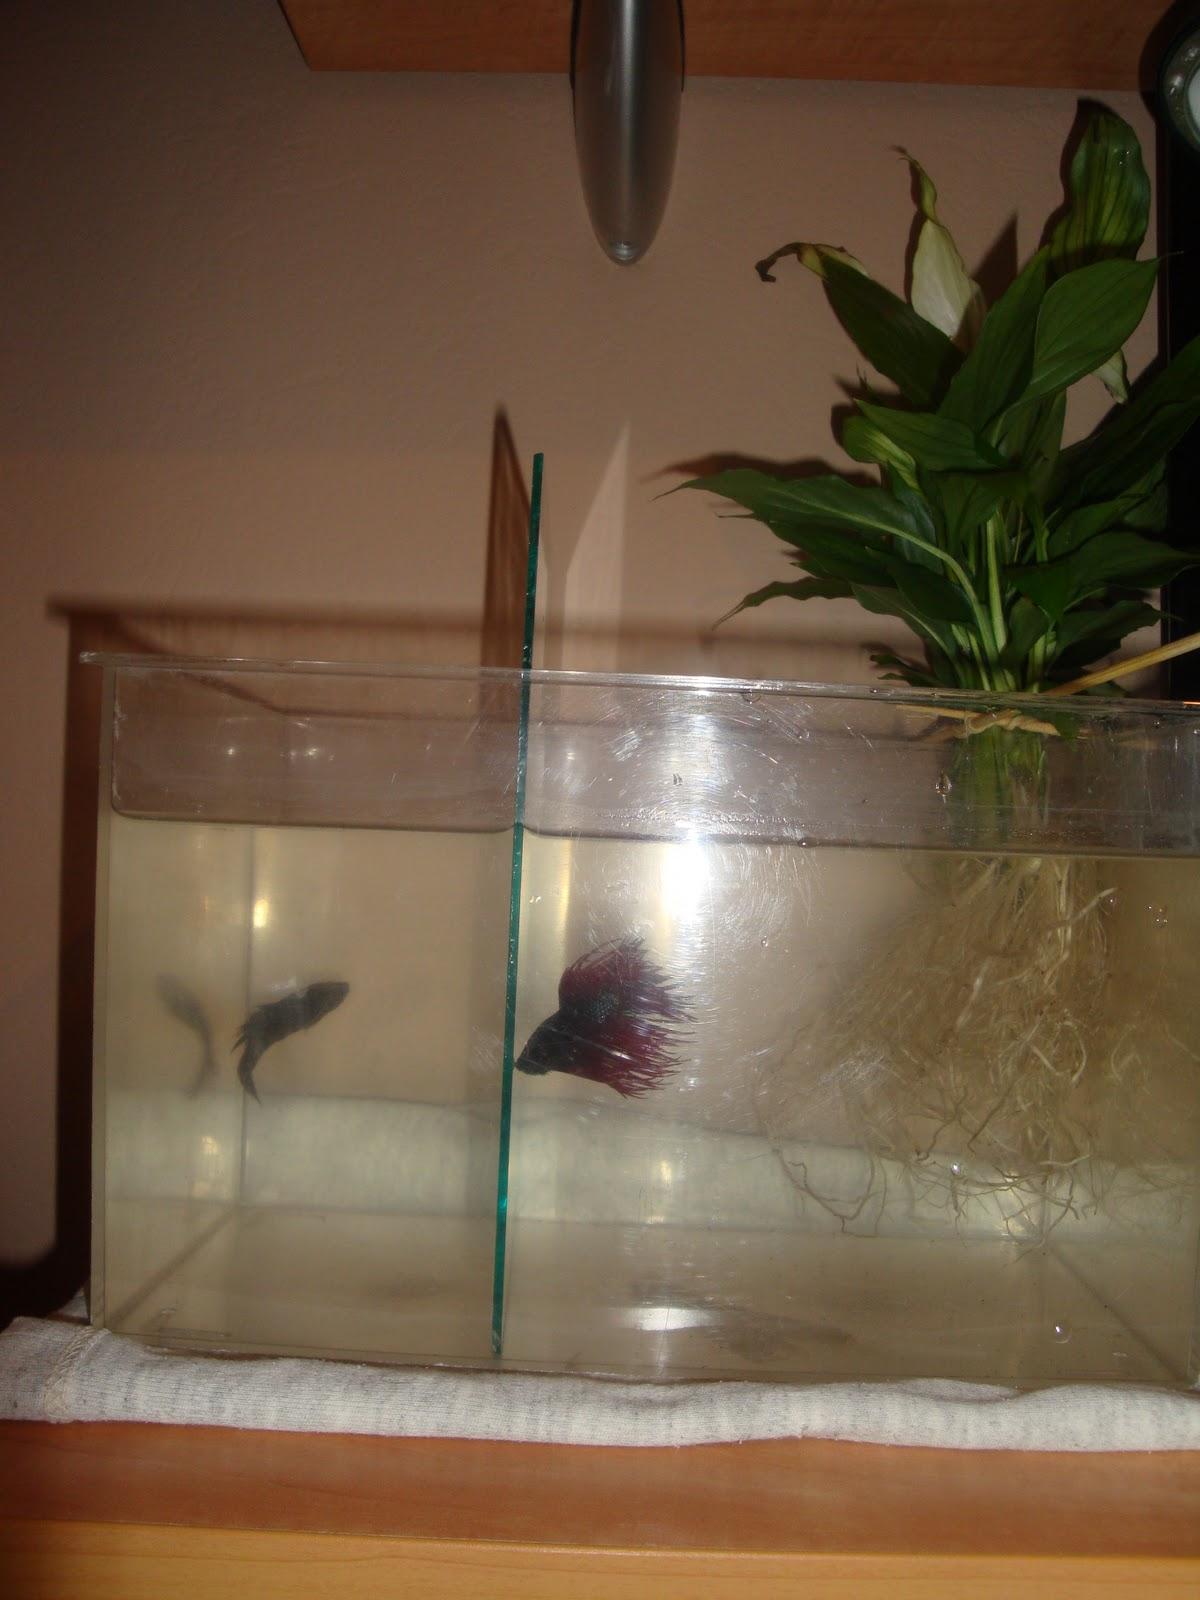 Que hos parece la pecera para que se apareen mis bettas portalpez acuarios mascotas peces - Planta cuna de moises ...